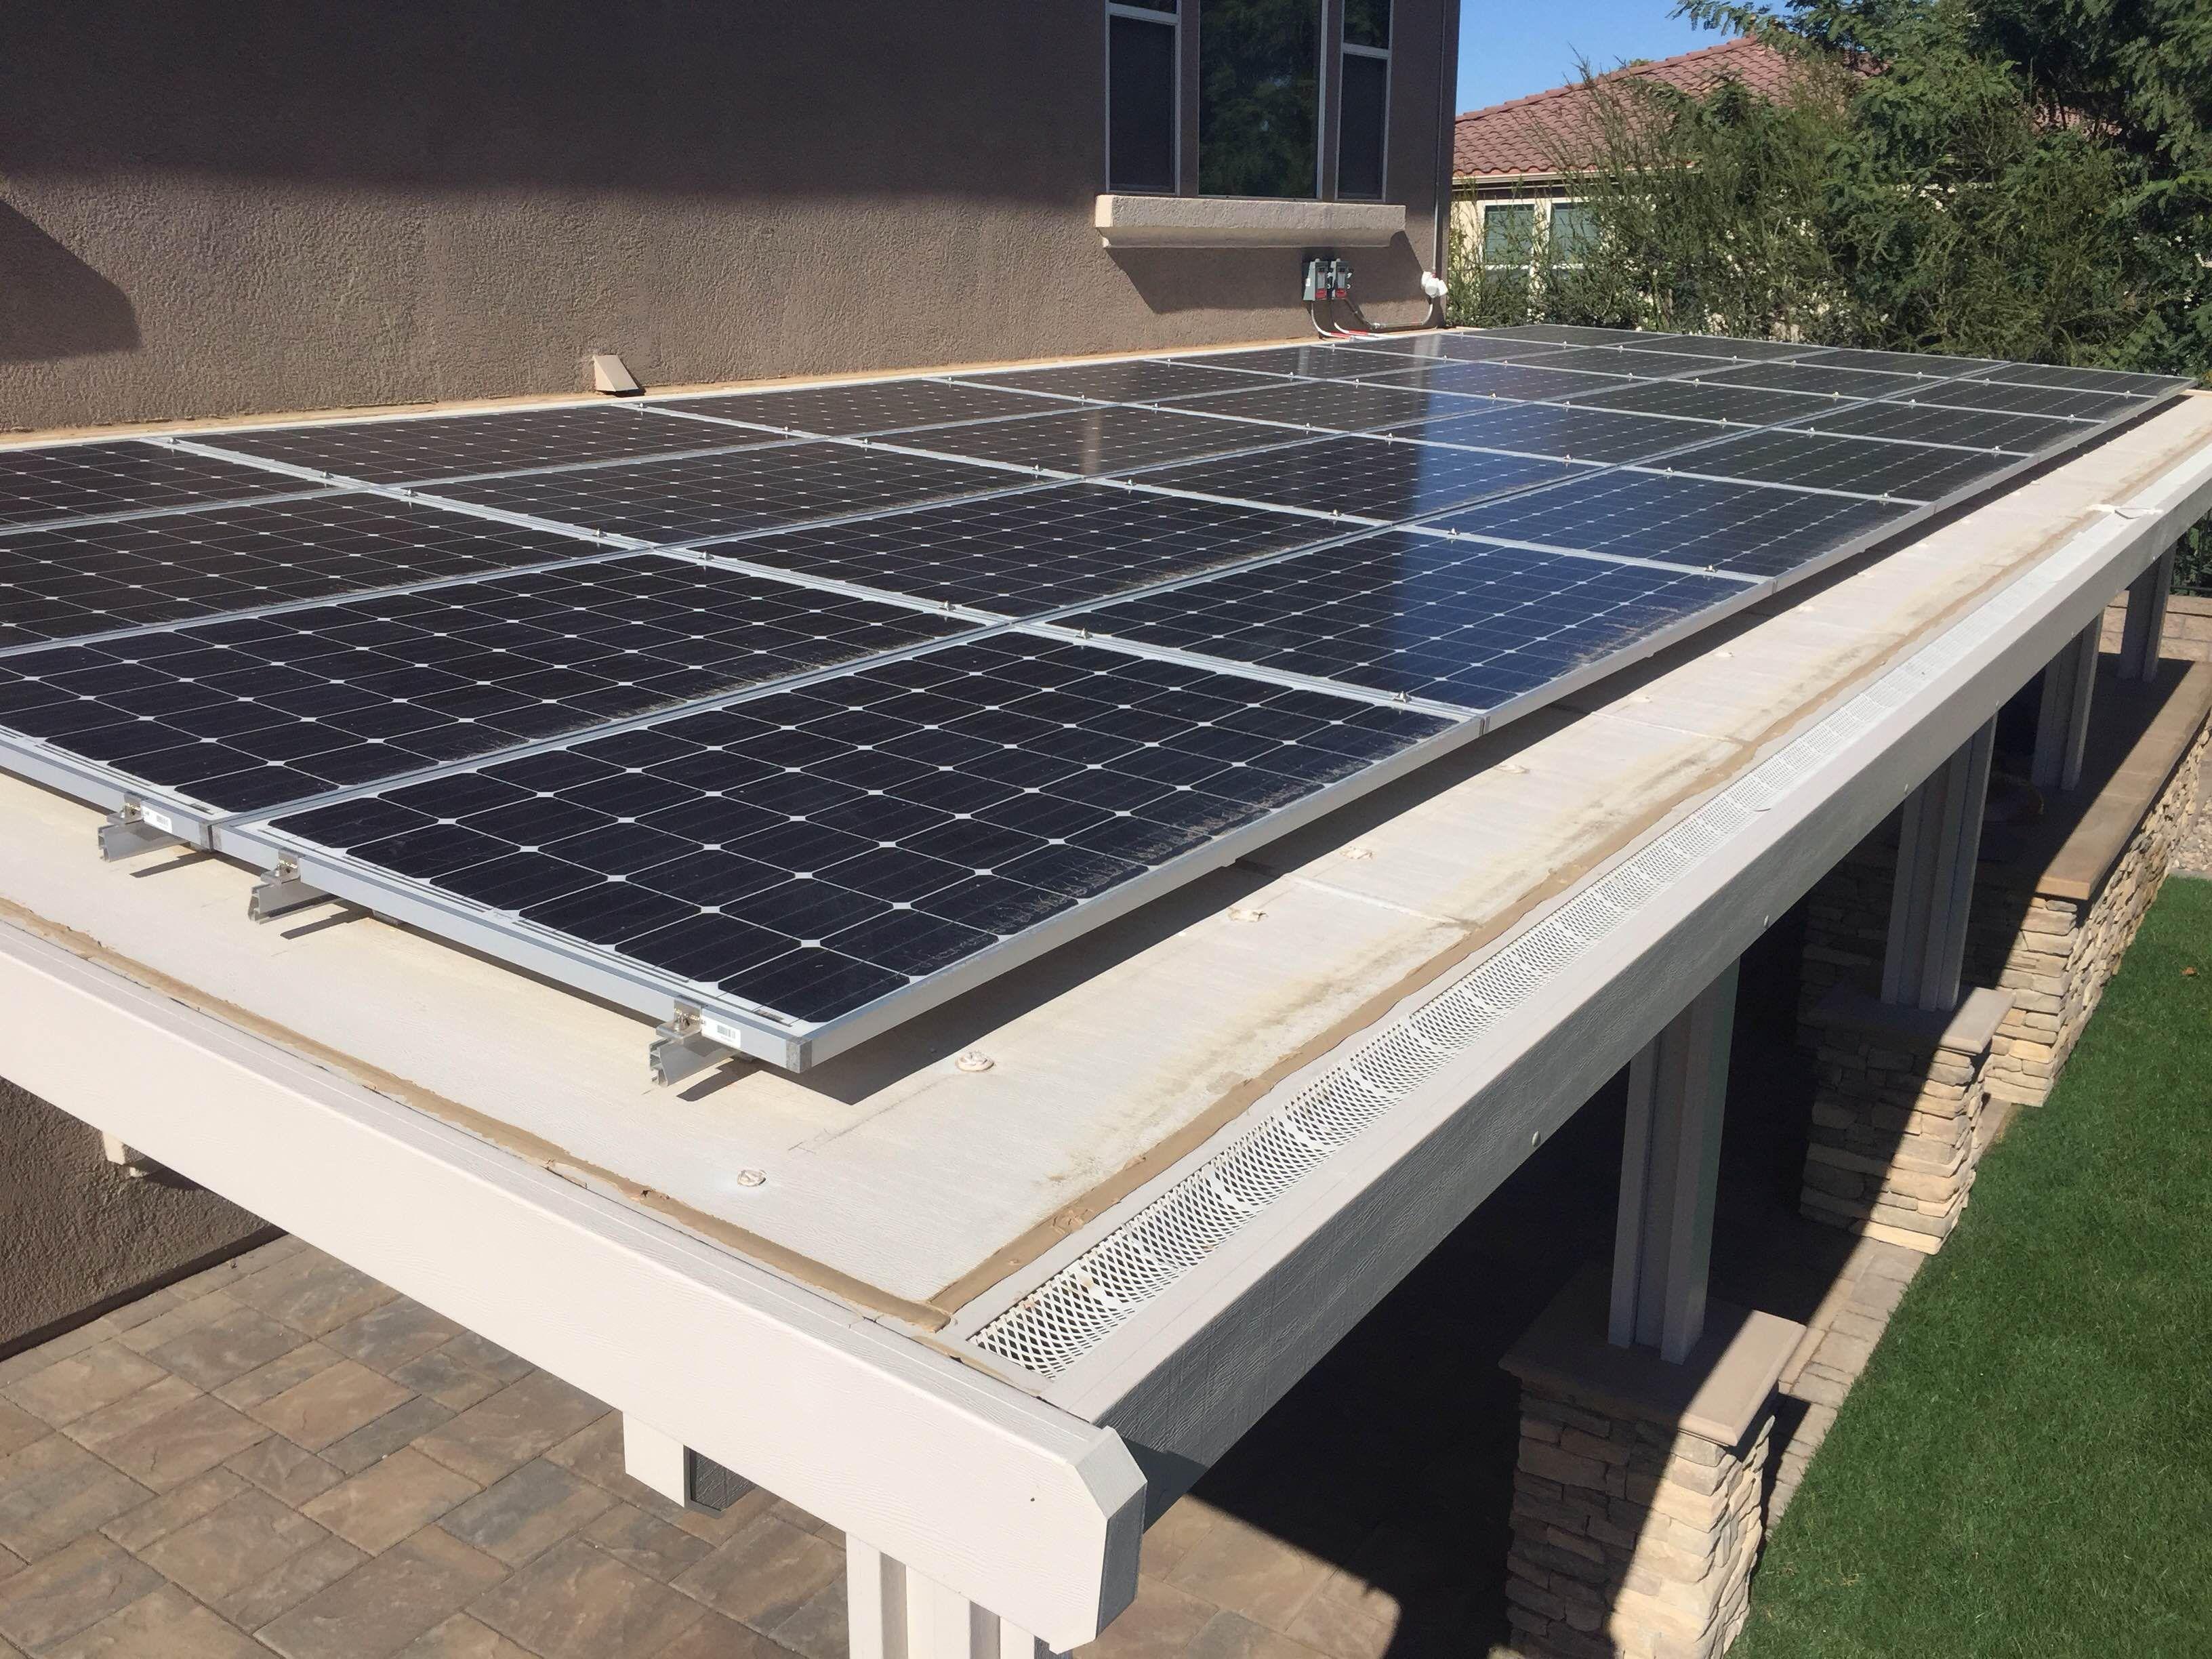 solar ready patio covers alumacovers